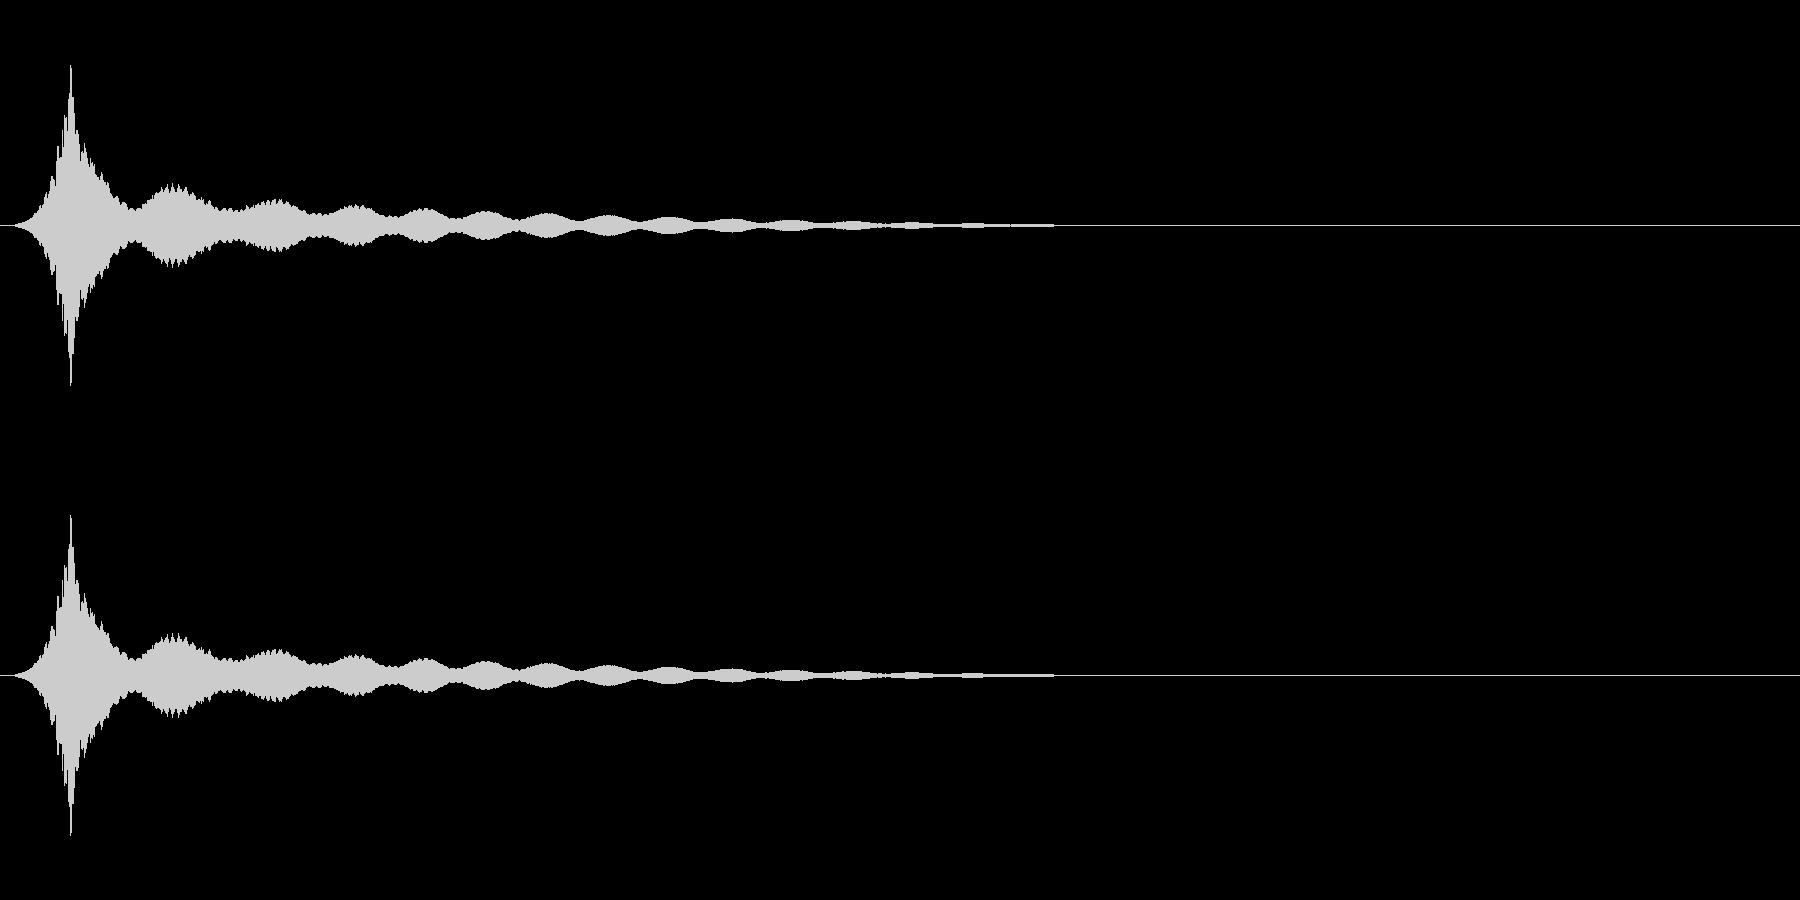 ボヨヨーン(ロング)コミカル効果音の未再生の波形